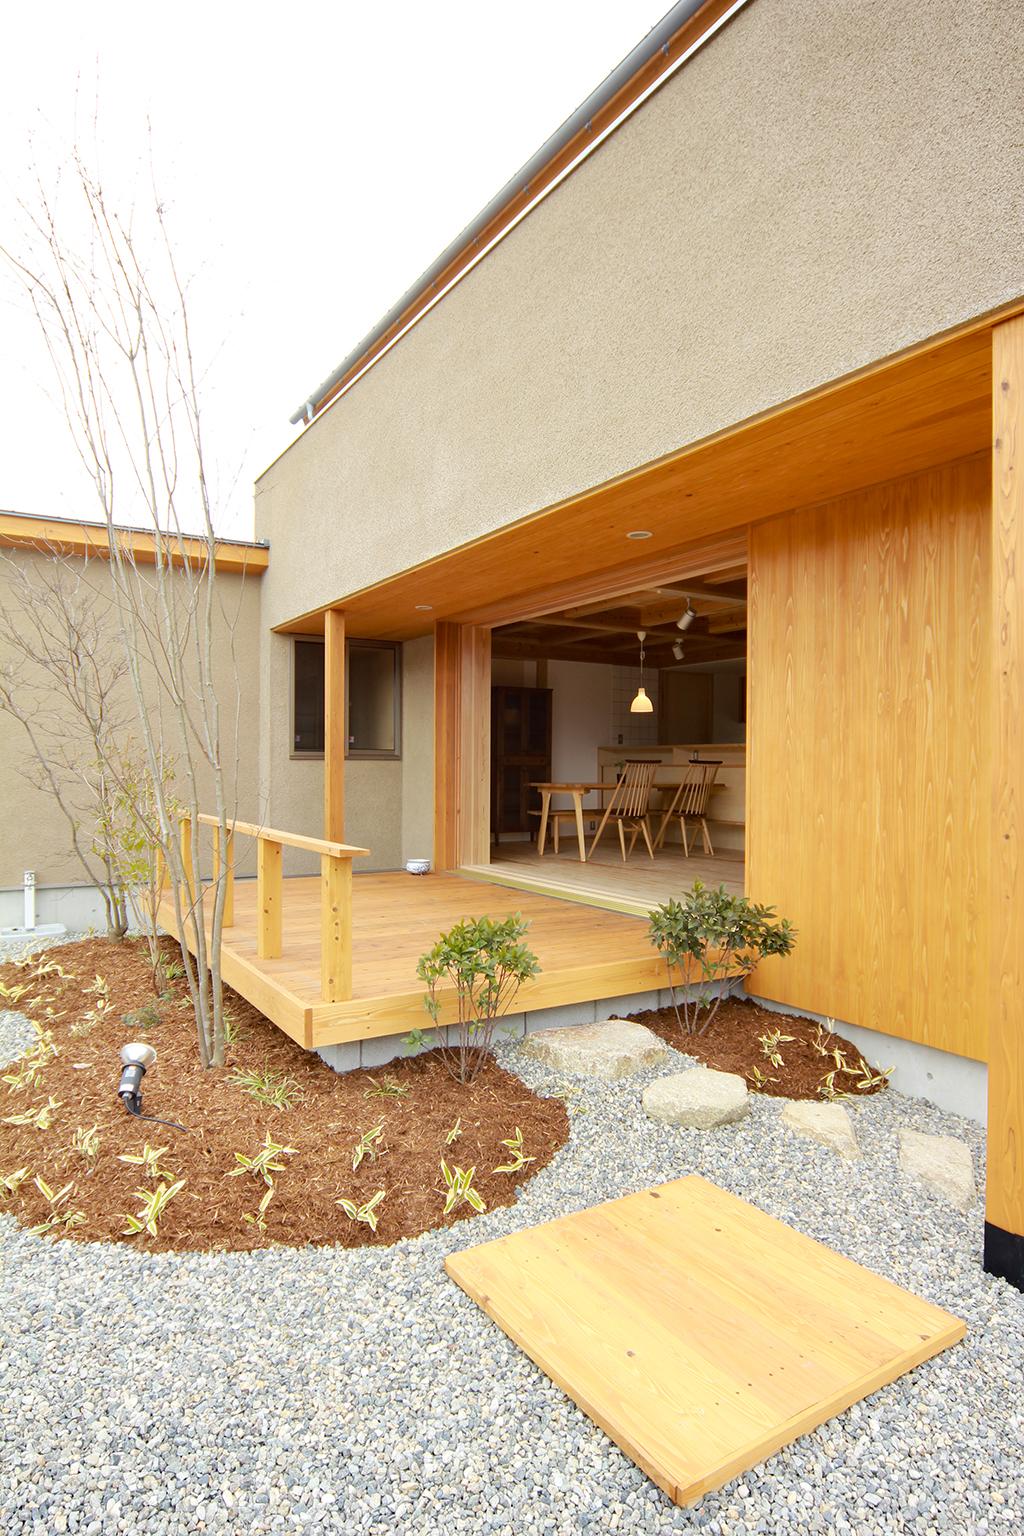 姫路市の木の家 庭からデッキを通して室内を見る